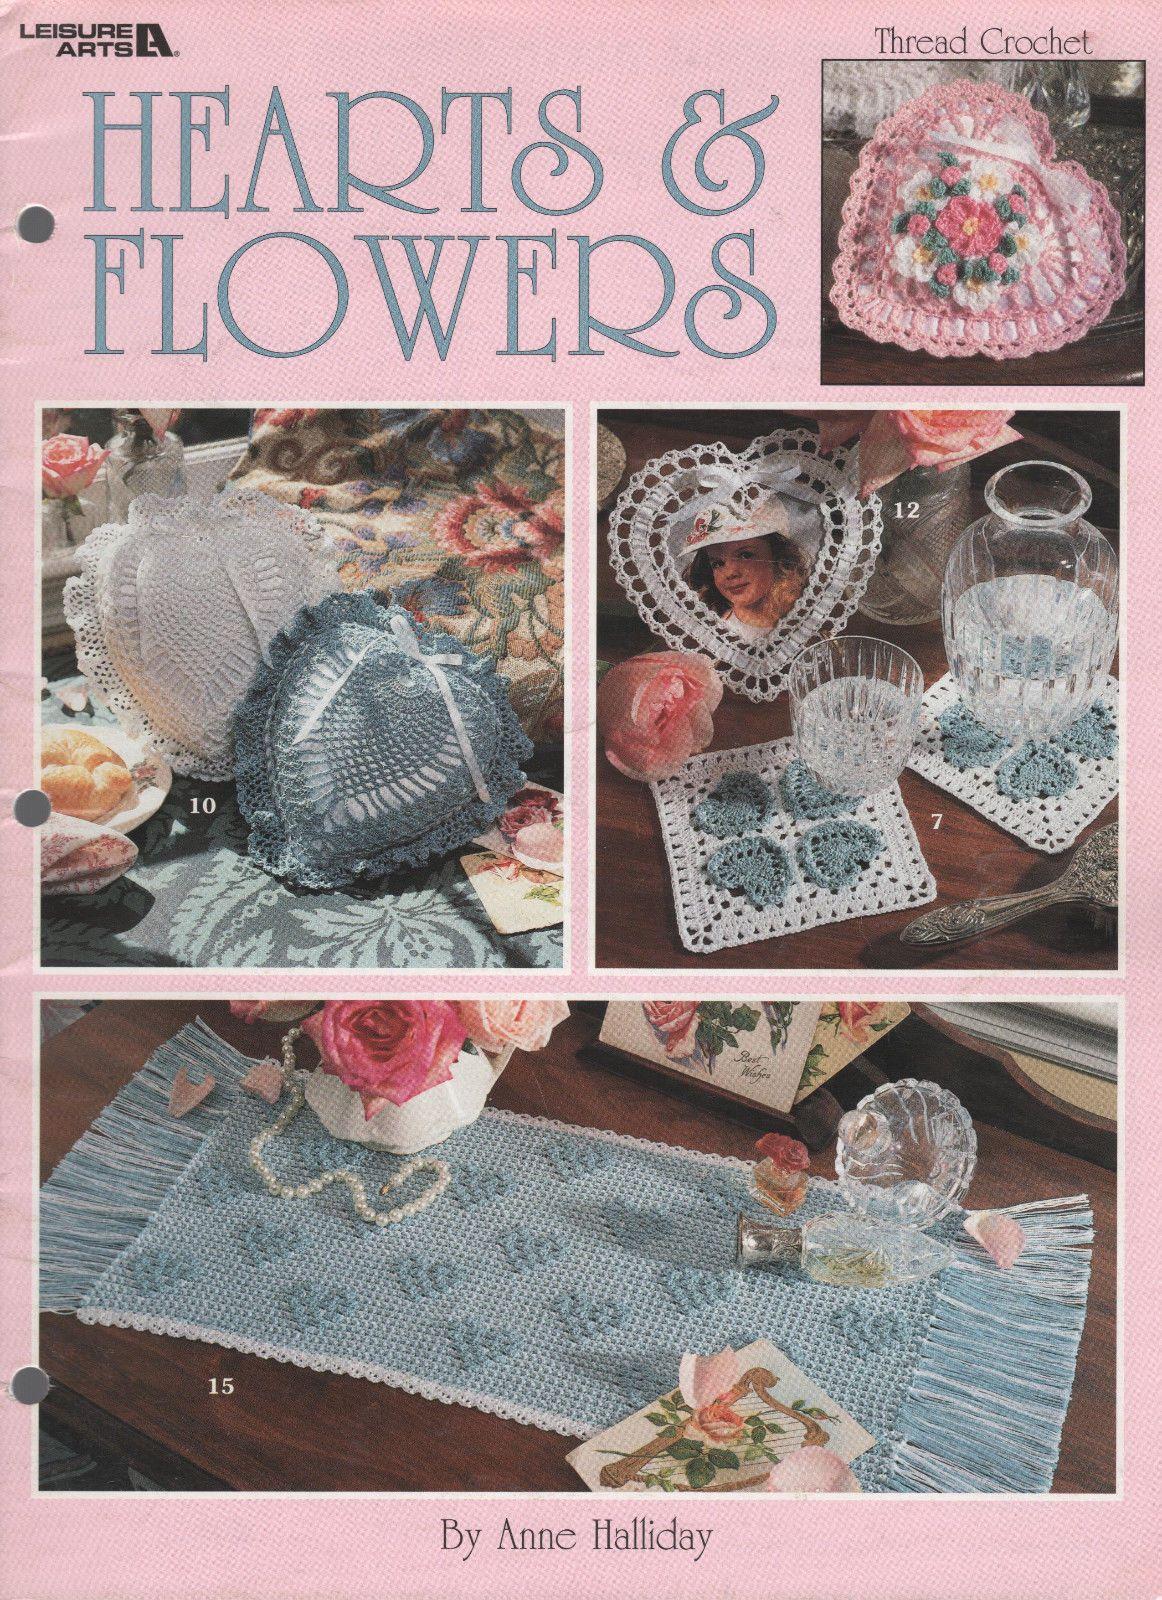 Hearts & Flowers Thread Crochet Patterns Sachets Doilies Pillows More   eBay